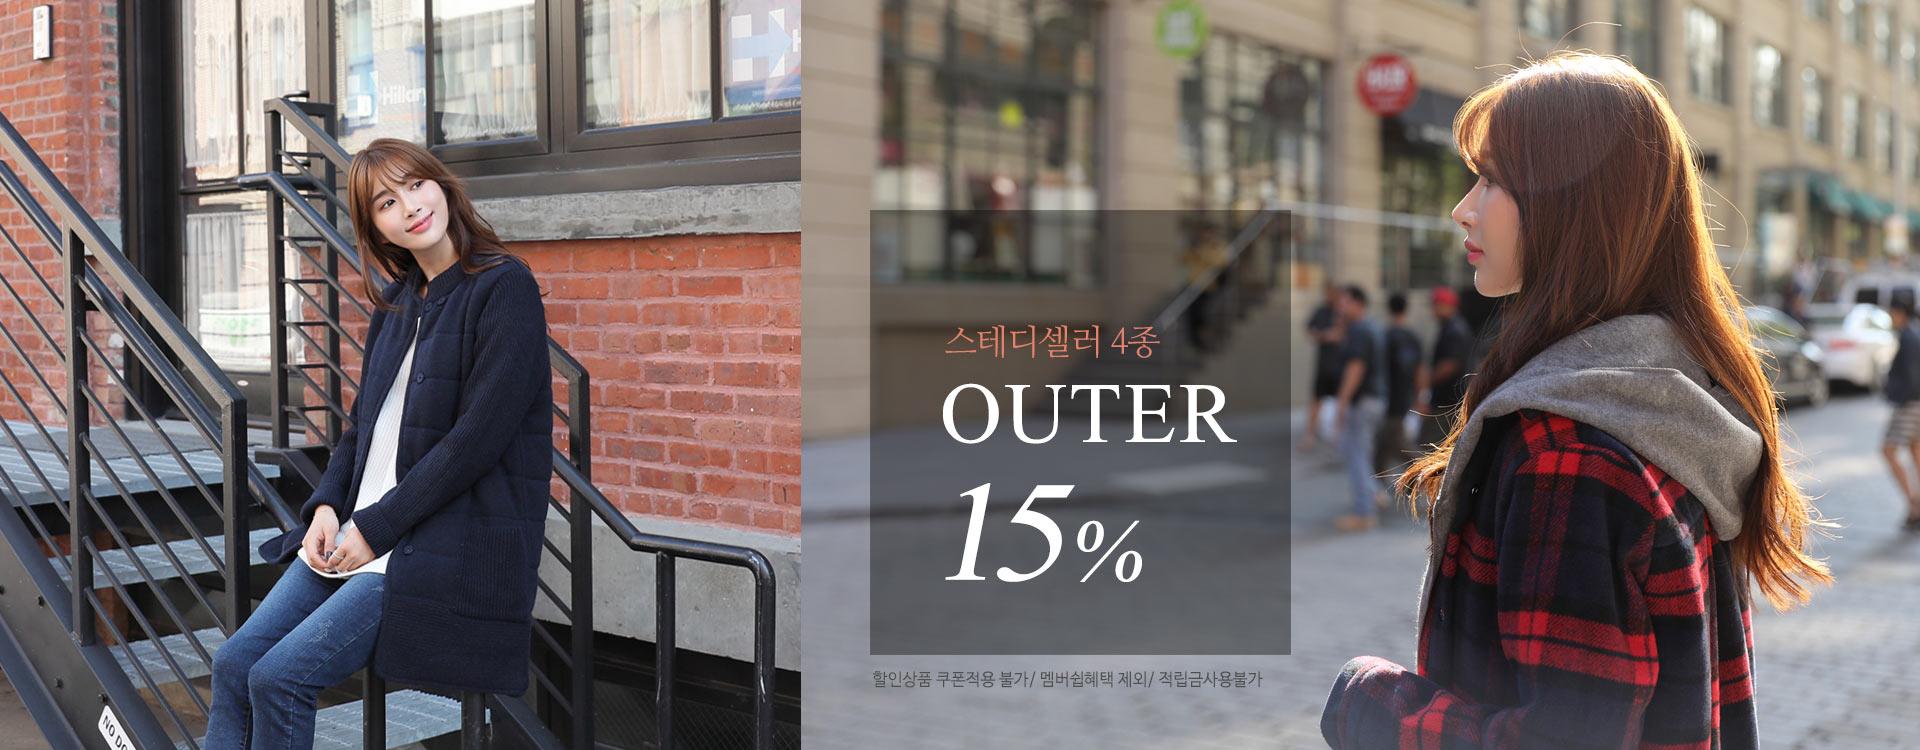 아우터 3종 15%